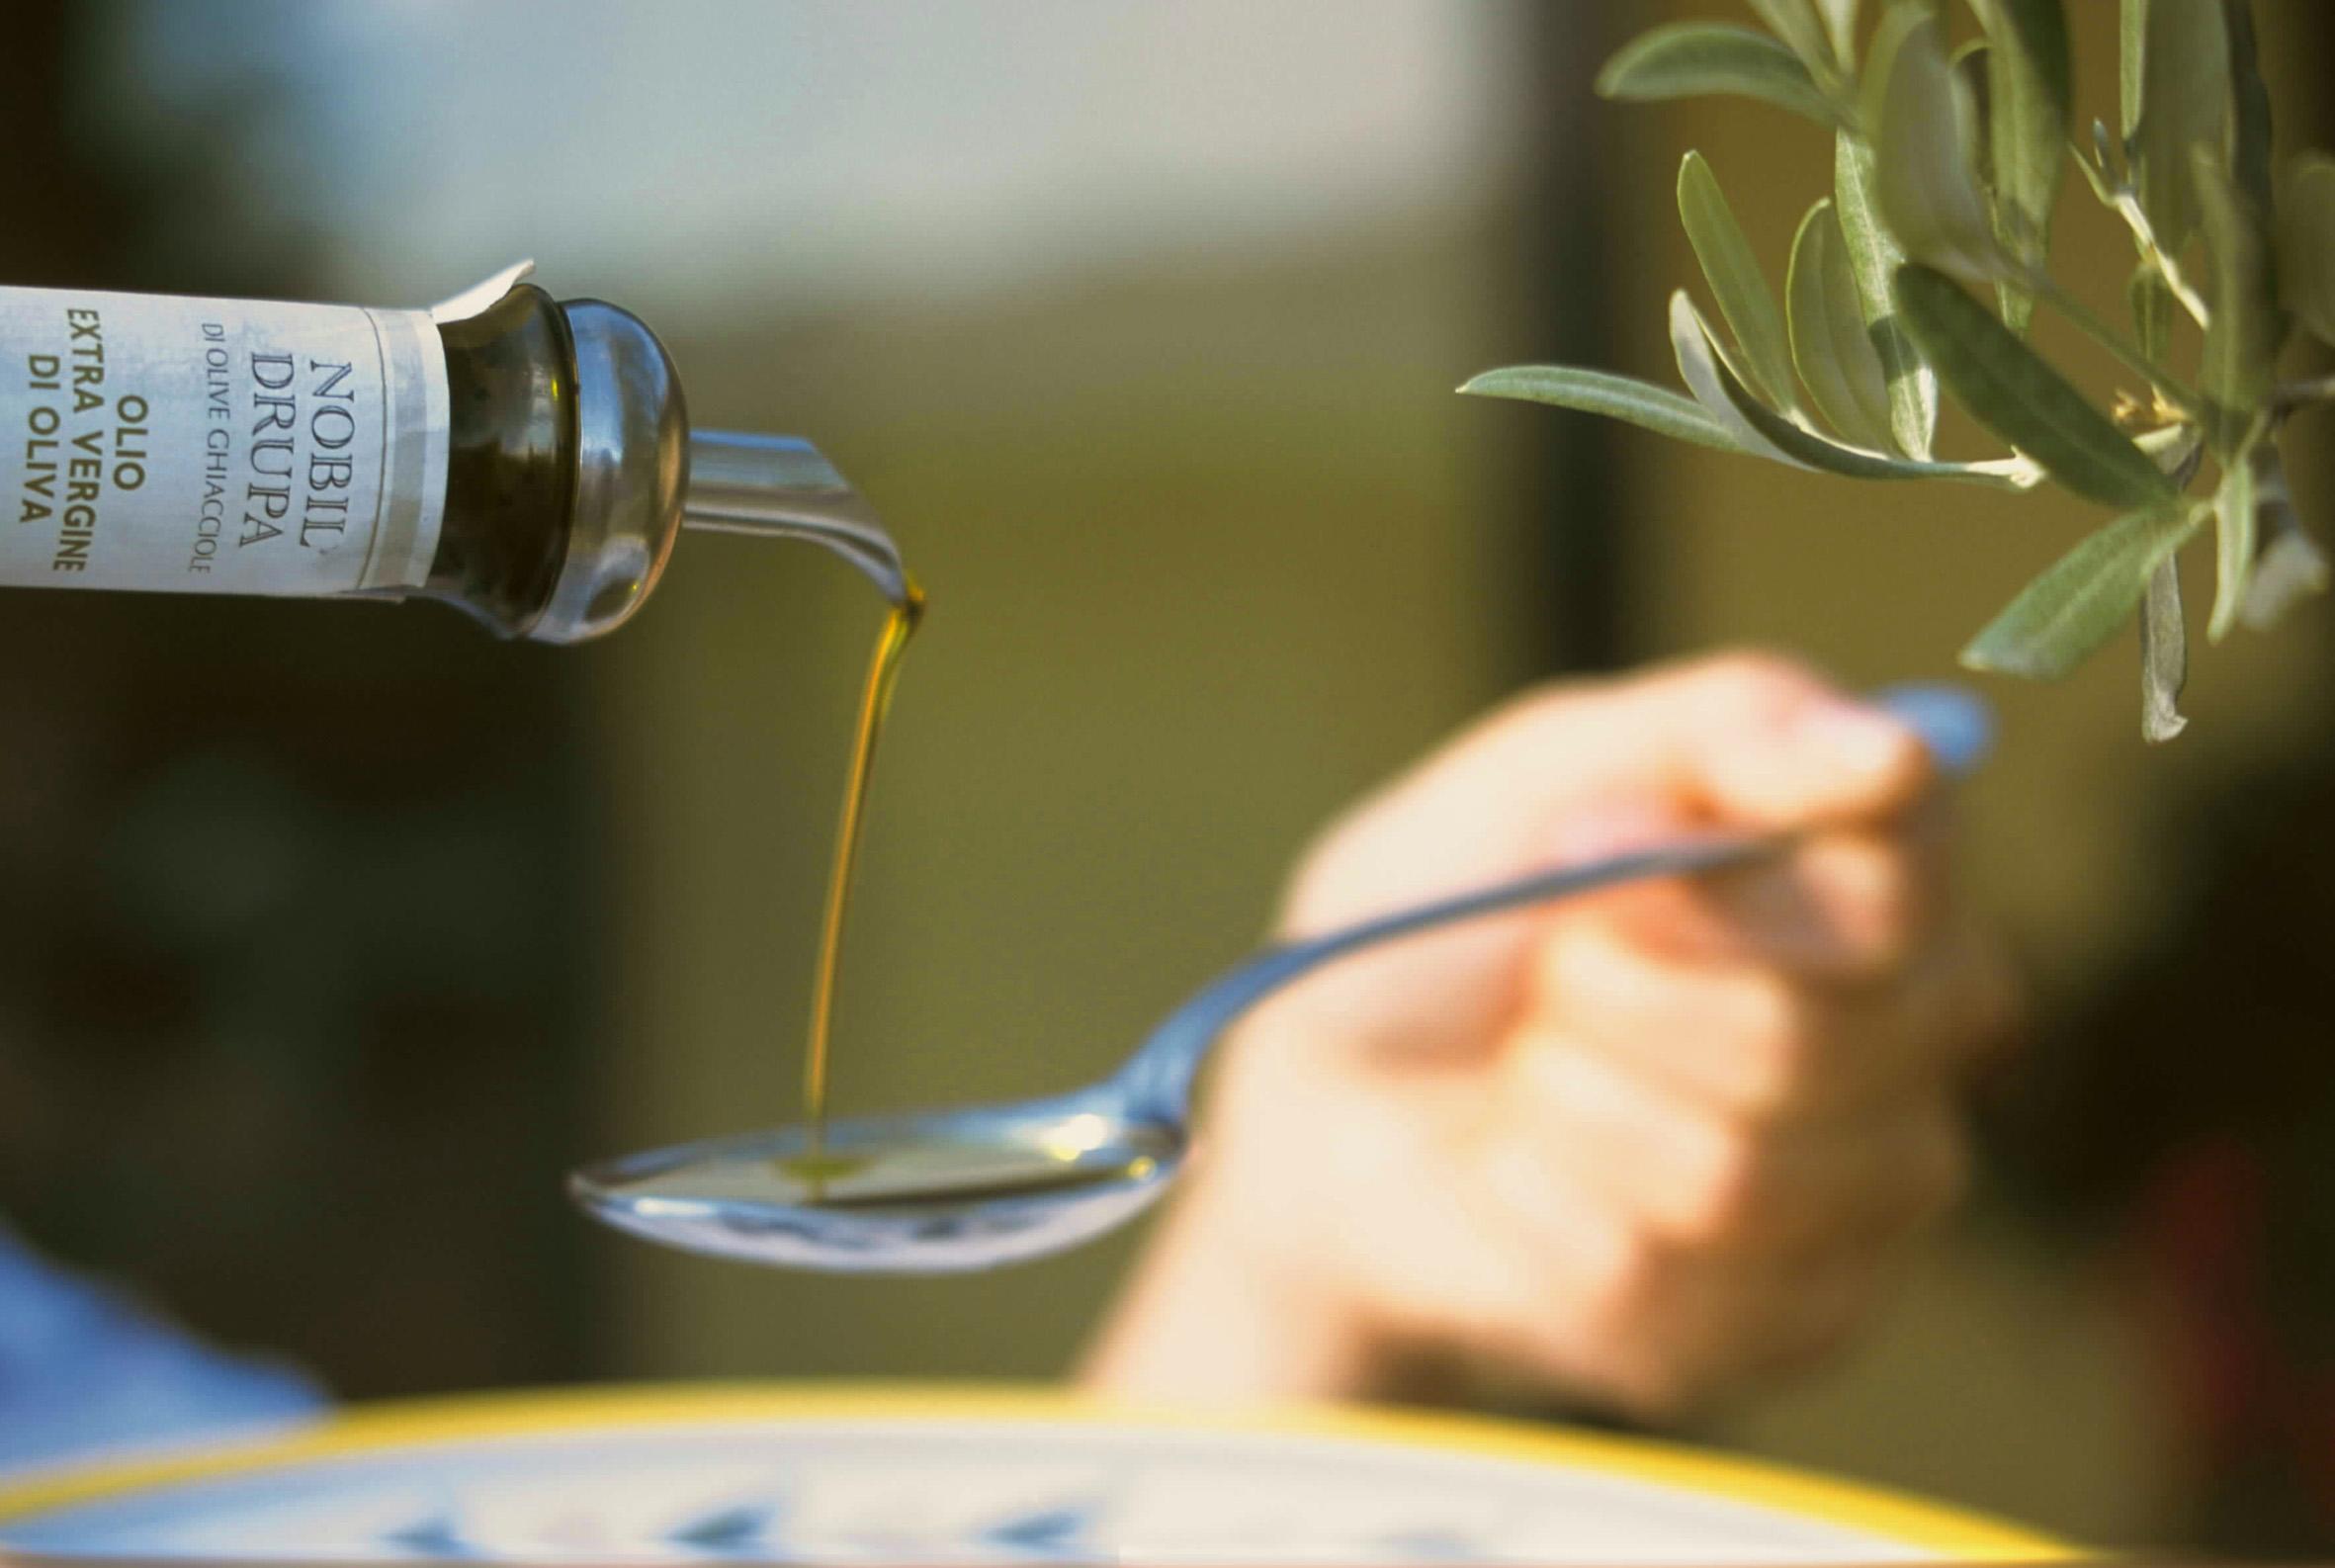 olio-versato-cucchiaio-nobil-drupa